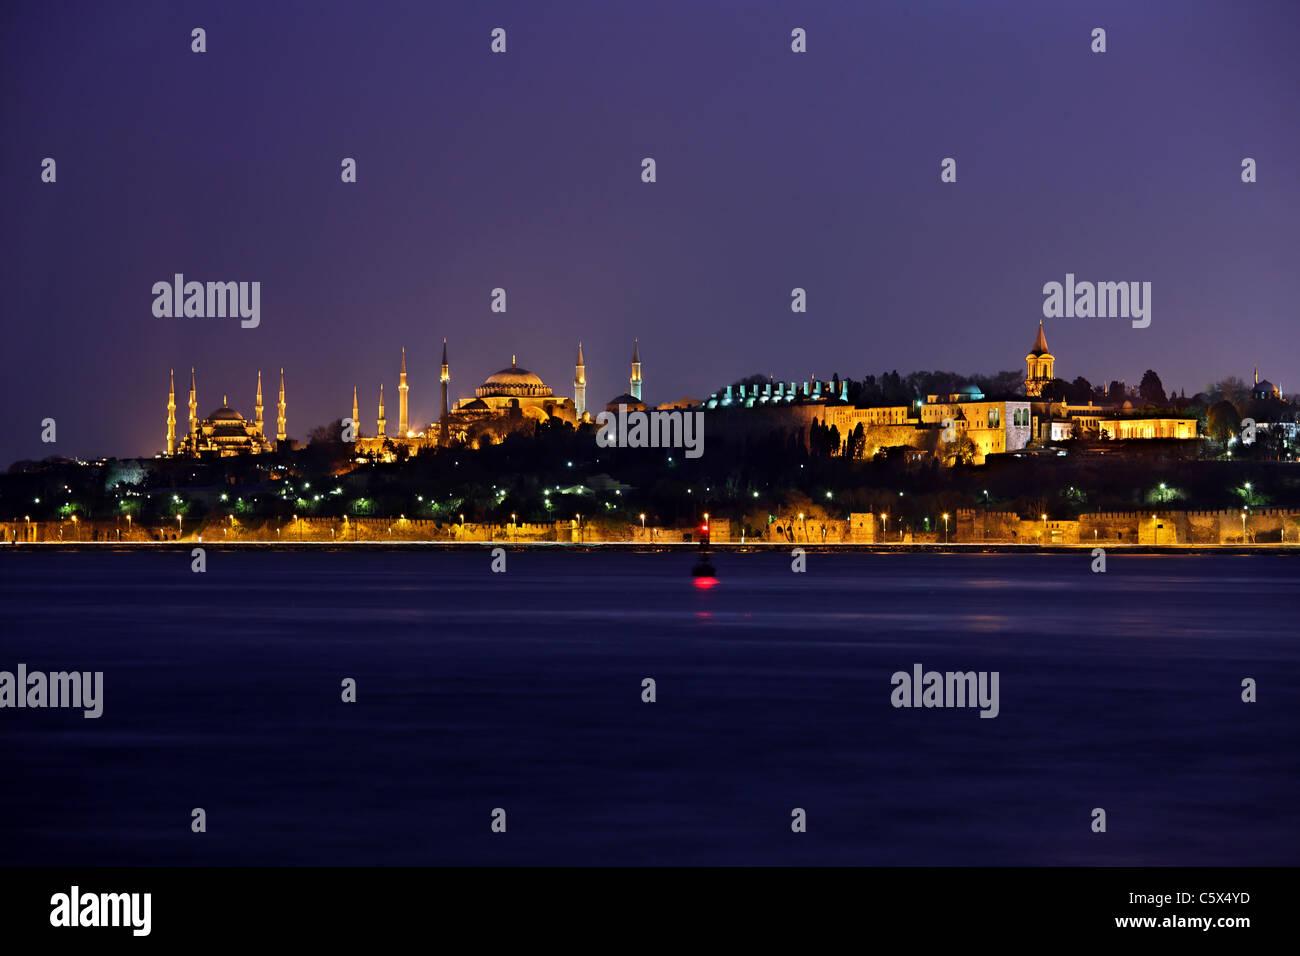 Von links nach rechts, die blaue Moschee (Sultanahmet Camii), Hagia Sophia und dem Topkapi-Palast. Istanbul, Türkei Stockbild